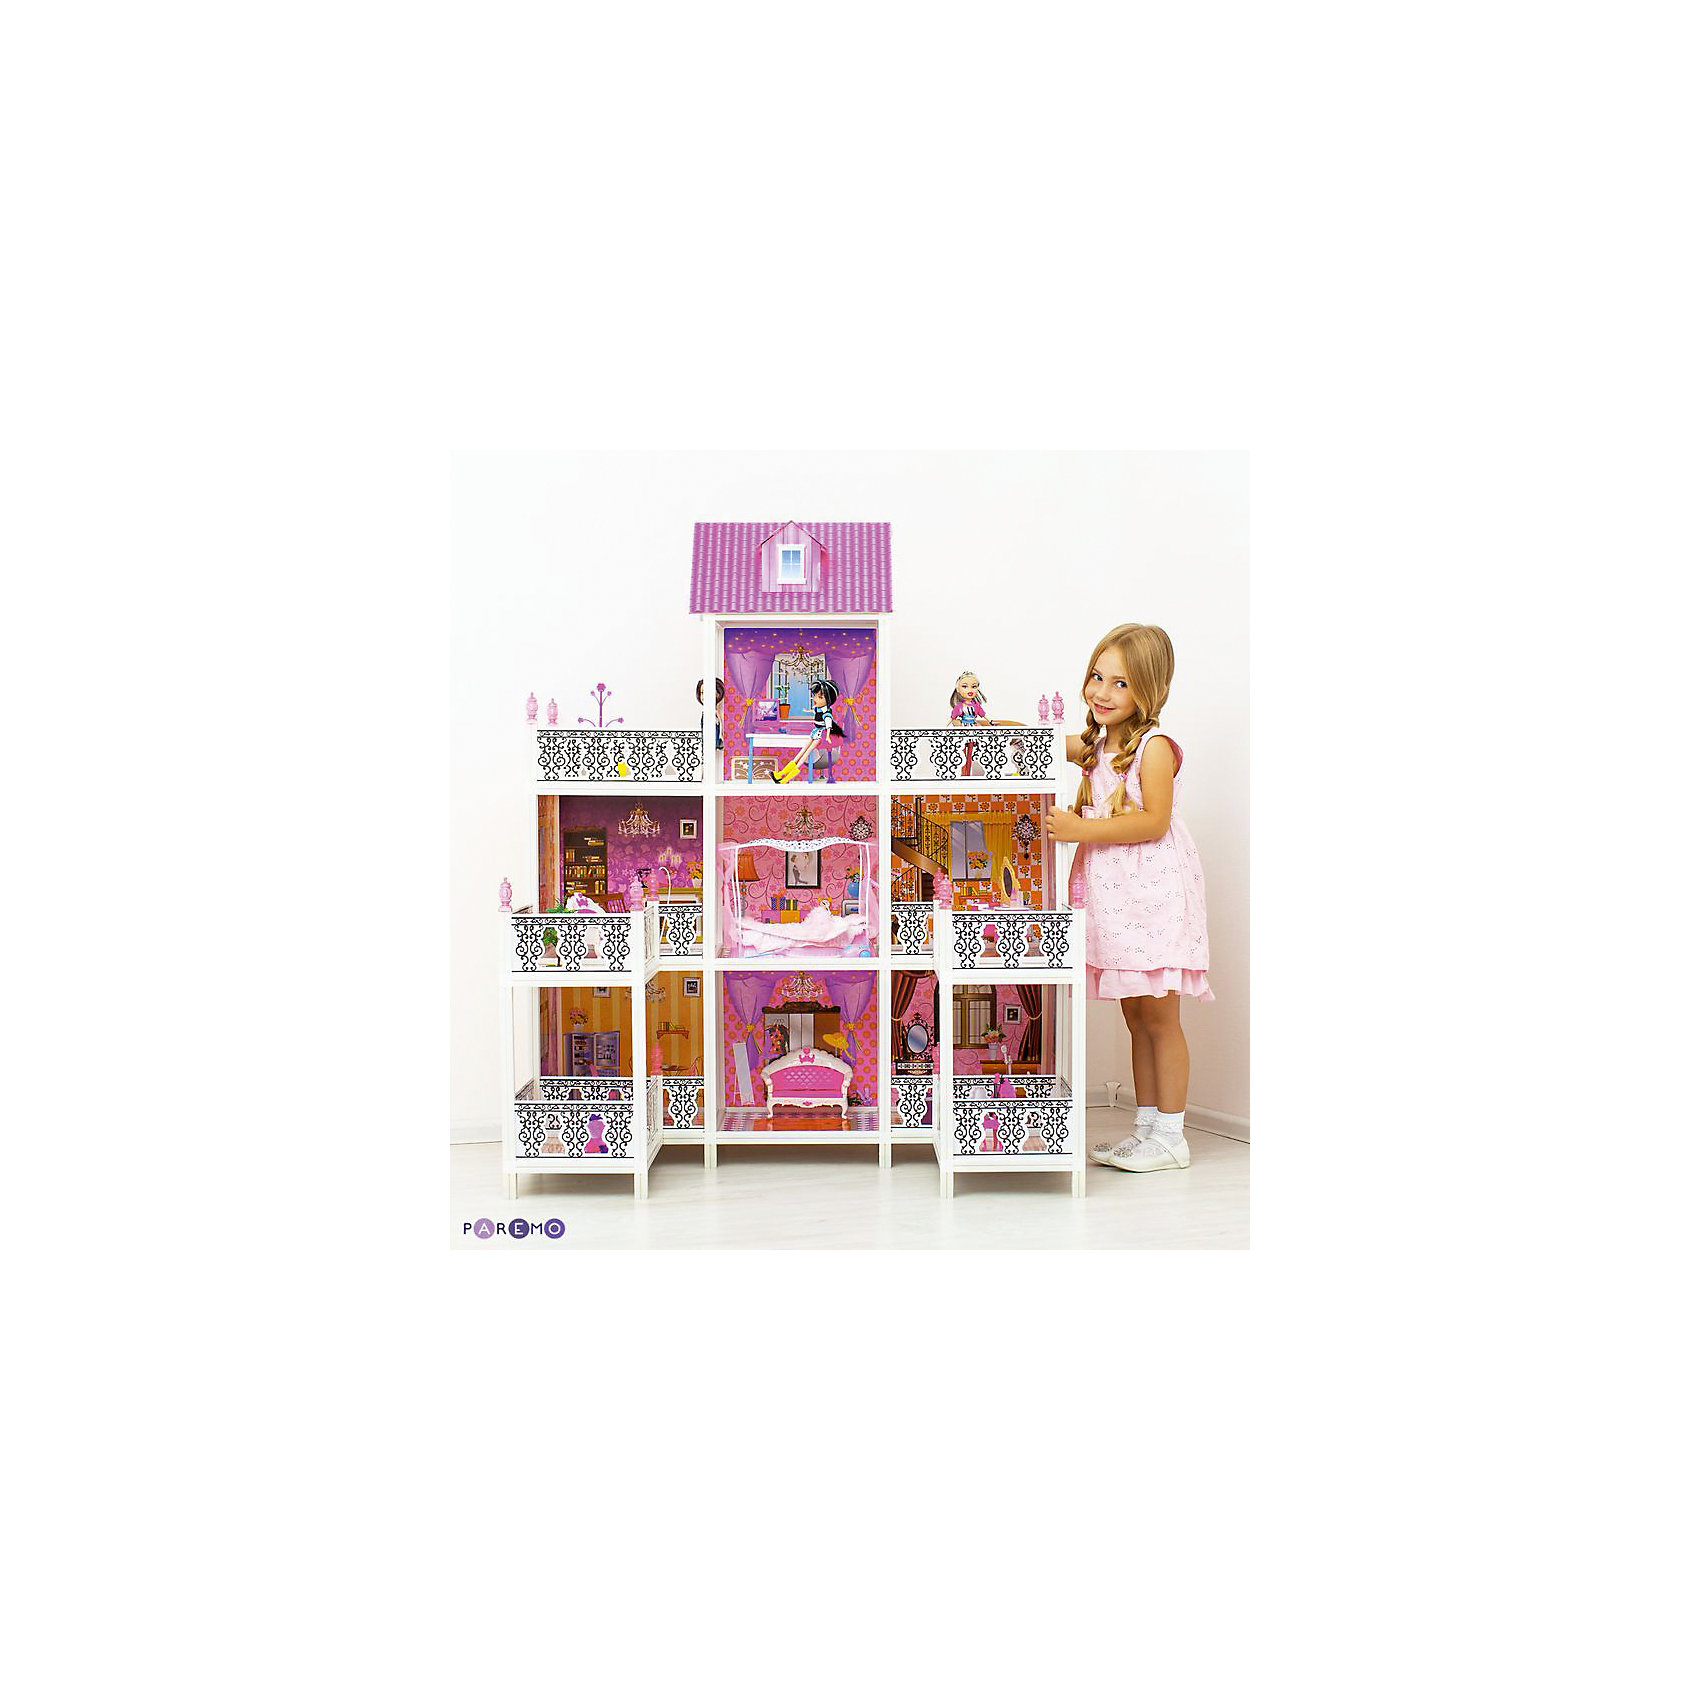 3-этажный кукольный дом (7 комнат, мебель, 3 куклы), PAREMOИгрушечные домики и замки<br>3-этажный кукольный дом (7 комнат, мебель, 3 куклы), PAREMO (Паремо).<br><br>Характеристики:<br><br>? Материал: пластик, картон.<br>? Дом частично открытый (задняя стенка глухая, лицевая часть полностью открыта).<br>? 3 этажа,7 просторных комнат, 4 балкона, 2 веранды.<br>? Цвет: розовый, белый.<br>? Подходит для кукол высотой до 30 см. <br>? Конструкция продается в разобранном виде. Инструкция по сборке входит в комплект.<br>? Размер игрушки в собранном виде - 112х76х137 см.<br>? Размер упаковки - 71х14х56 см.<br>? Вес: 12 кг.<br><br>В комплекте:<br><br>• Мебель: диван, круглая кровать, тумба под телевизор, телевизор, ванна, обеденный стол, 4 стульчика, трюмо, столик для торшера, торшер, раковина, стиральная машина, вешалка, корзина для принадлежностей. <br>• 3 куклы с аксессуарами;<br><br>3-этажный кукольный дом, PAREMO (Паремо) – это игрушка- мечта от российского производителя. Очаровательный дом предназначен для сюжетно-ролевых игр («Семья», «Дочки- матери» и т. п.). Домик выполнен в нежных бело-розовых тонах с ярко- розовой крышей, имитирующей черепичную кладку. Внутренний декор поддерживает цветовое решение. Стены, пол, потолок декорированы под различные типы покрытий - плитка, обои, ковролин. В доме 3 этажа,7 просторных комнат, 4 балкона, 2 веранды. На первом этаже ванная комната, гостиная, столовая и 2 веранды, На втором этаже – каминная, зона отдыха, кабинет, будуар, 2 балкона, На третьем – рабочий кабинет и 2 балкона. Кованые решетки балконов украшены башенками, что придает домику дворцовый стиль. Юная леди, проявив фантазию, самостоятельно может расположить комнаты по своему вкусу. Игры с таким домиком помогают развить в девочке фантазию, творческие способности, поможет ребенку почувствовать себя взрослой и самостоятельной. Материалы, из которых изготовлен домик, полностью соответствуют российским стандартам безопасности. Ваша малышка будет счастлива, получить в подарок